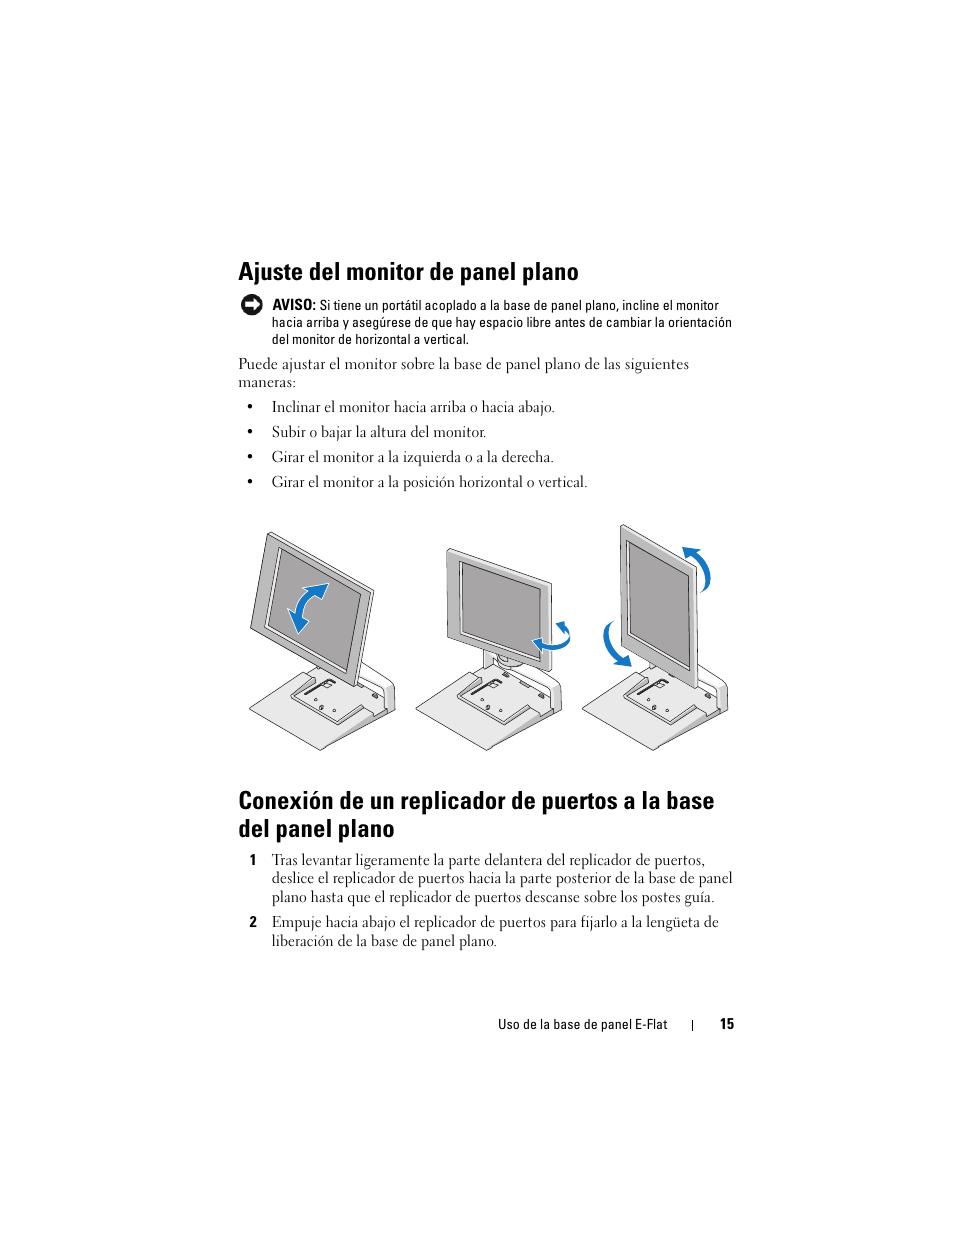 Ajuste del monitor de panel plano | Dell E-Flat Panel Stand Manual del  usuario | Página 15 / 22